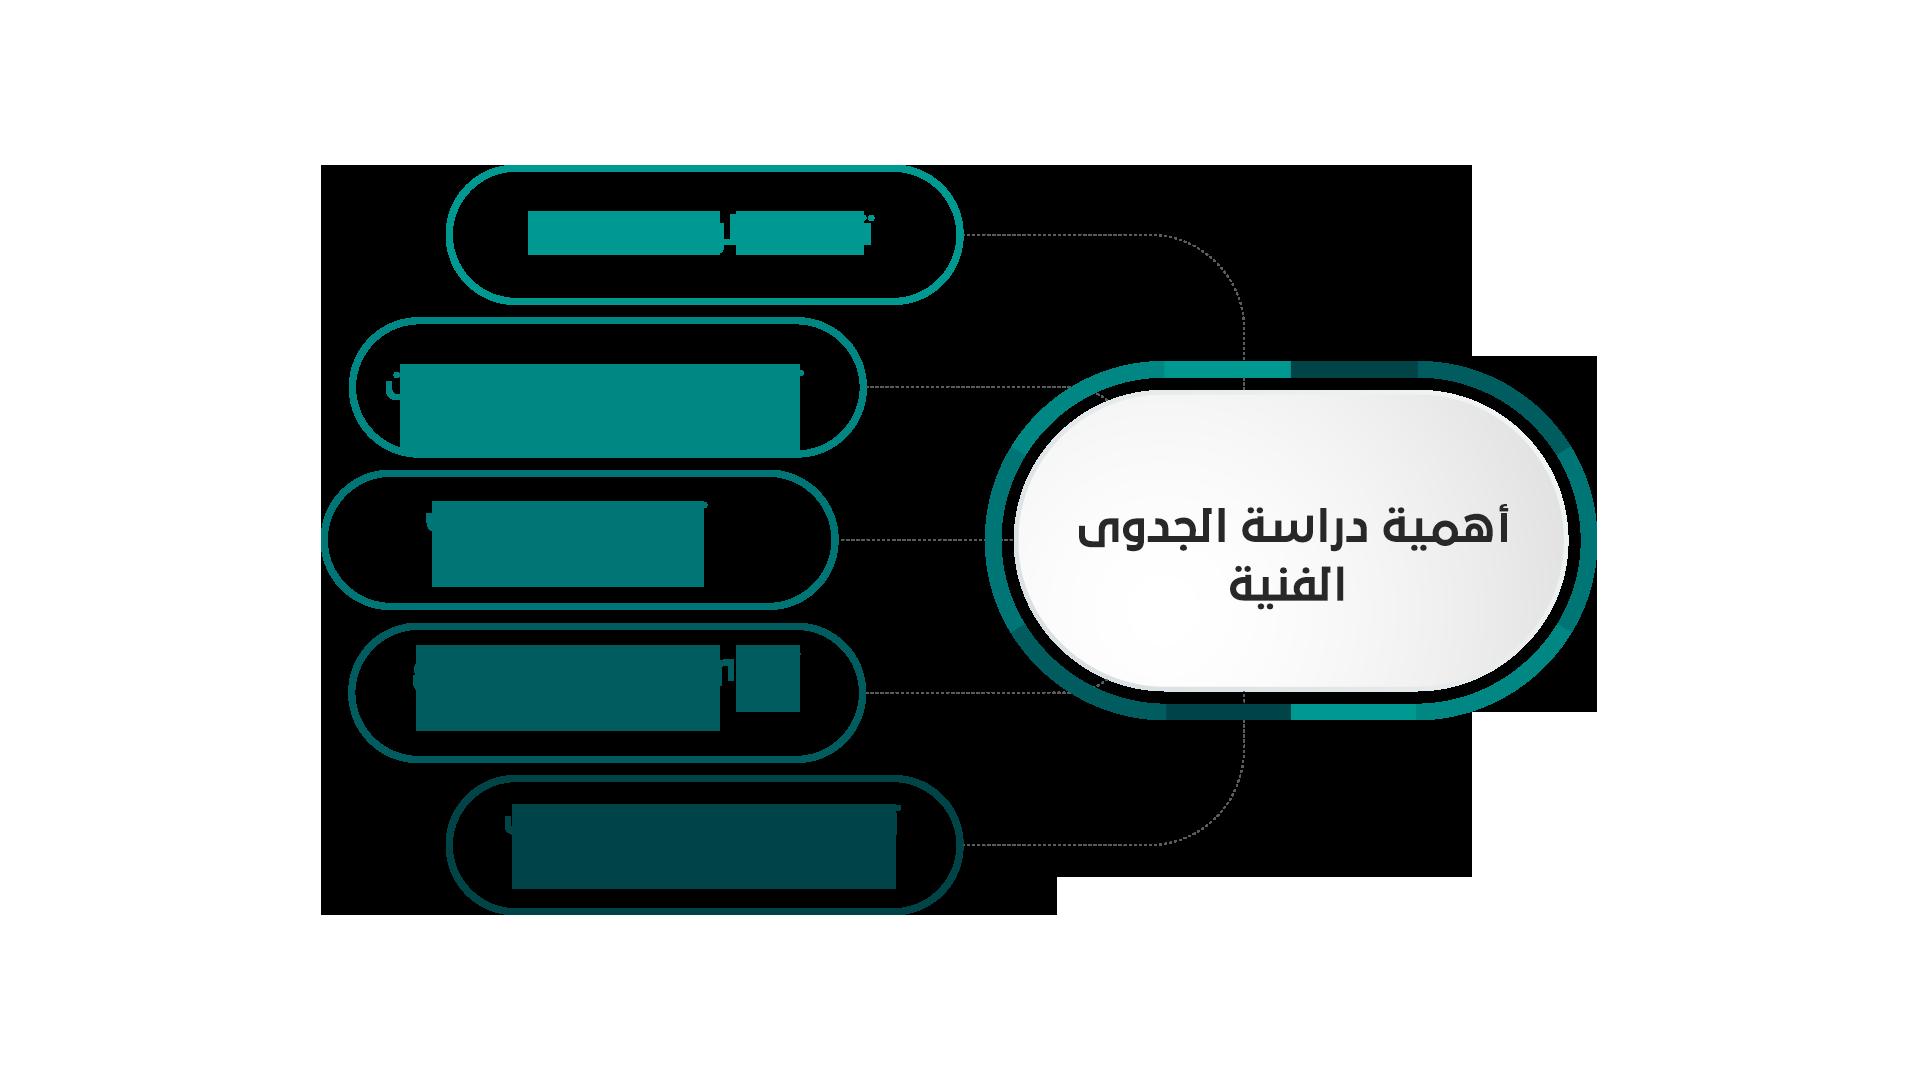 %D8%A3%D9%87%D9%85%D9%8A%D8%A9 %D8%AF%D8%B1%D8%A7%D8%B3%D8%A9 %D8%A7%D9%84%D8%AC%D8%AF%D9%88%D9%89 %D8%A7%D9%84%D9%81%D9%86%D9%8A%D8%A9 - 4 عناصر أساسية يوفرها مكتب بناء في دراسة الجدوى لضمان نجاح المشروع